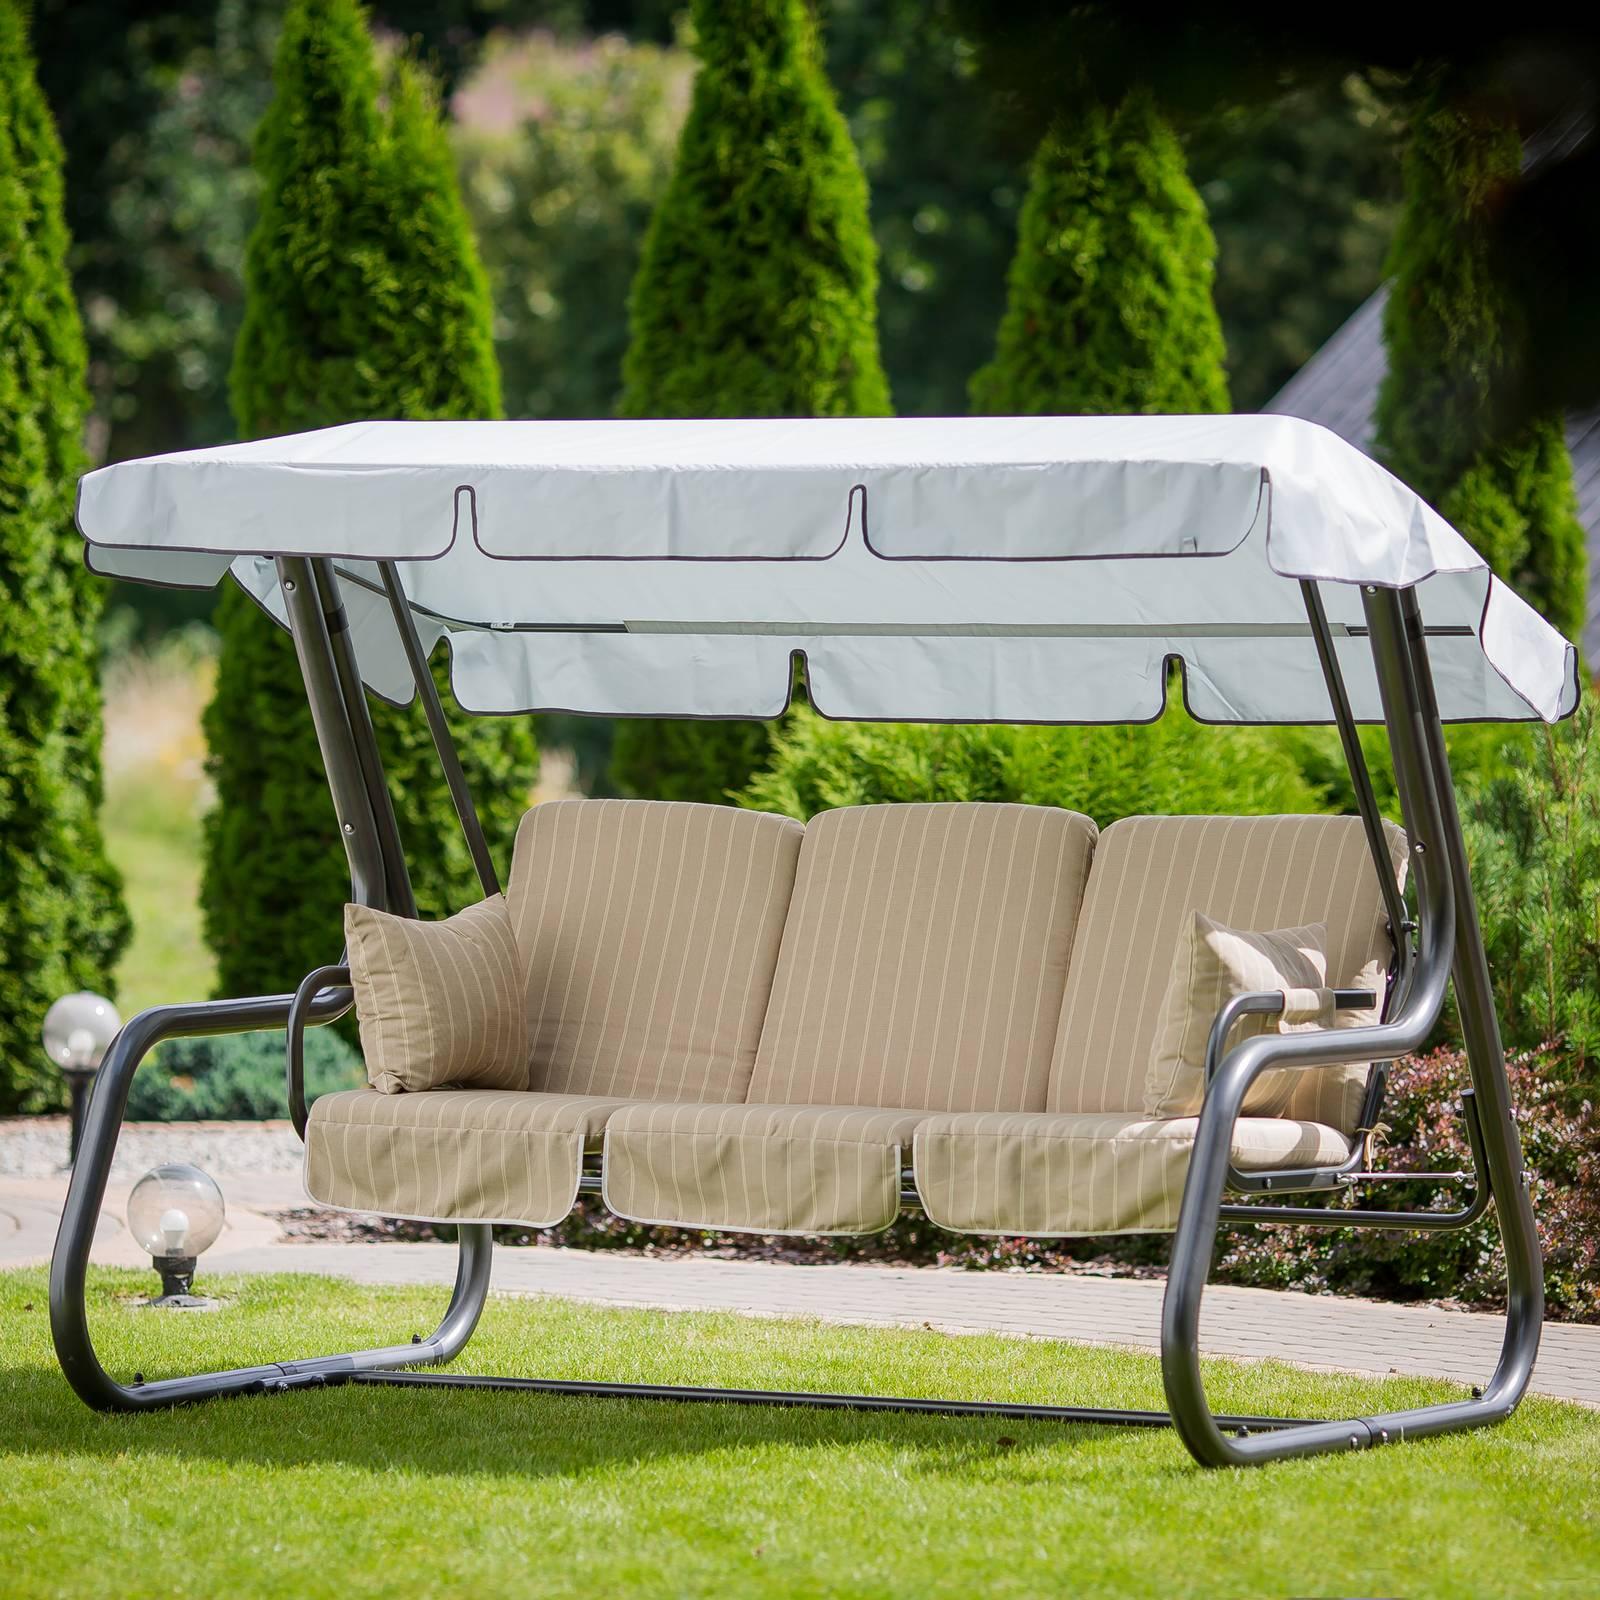 Cojines desenfundables para balancín 180 cm Rimini / Venezia Lux C032-05EB PATIO